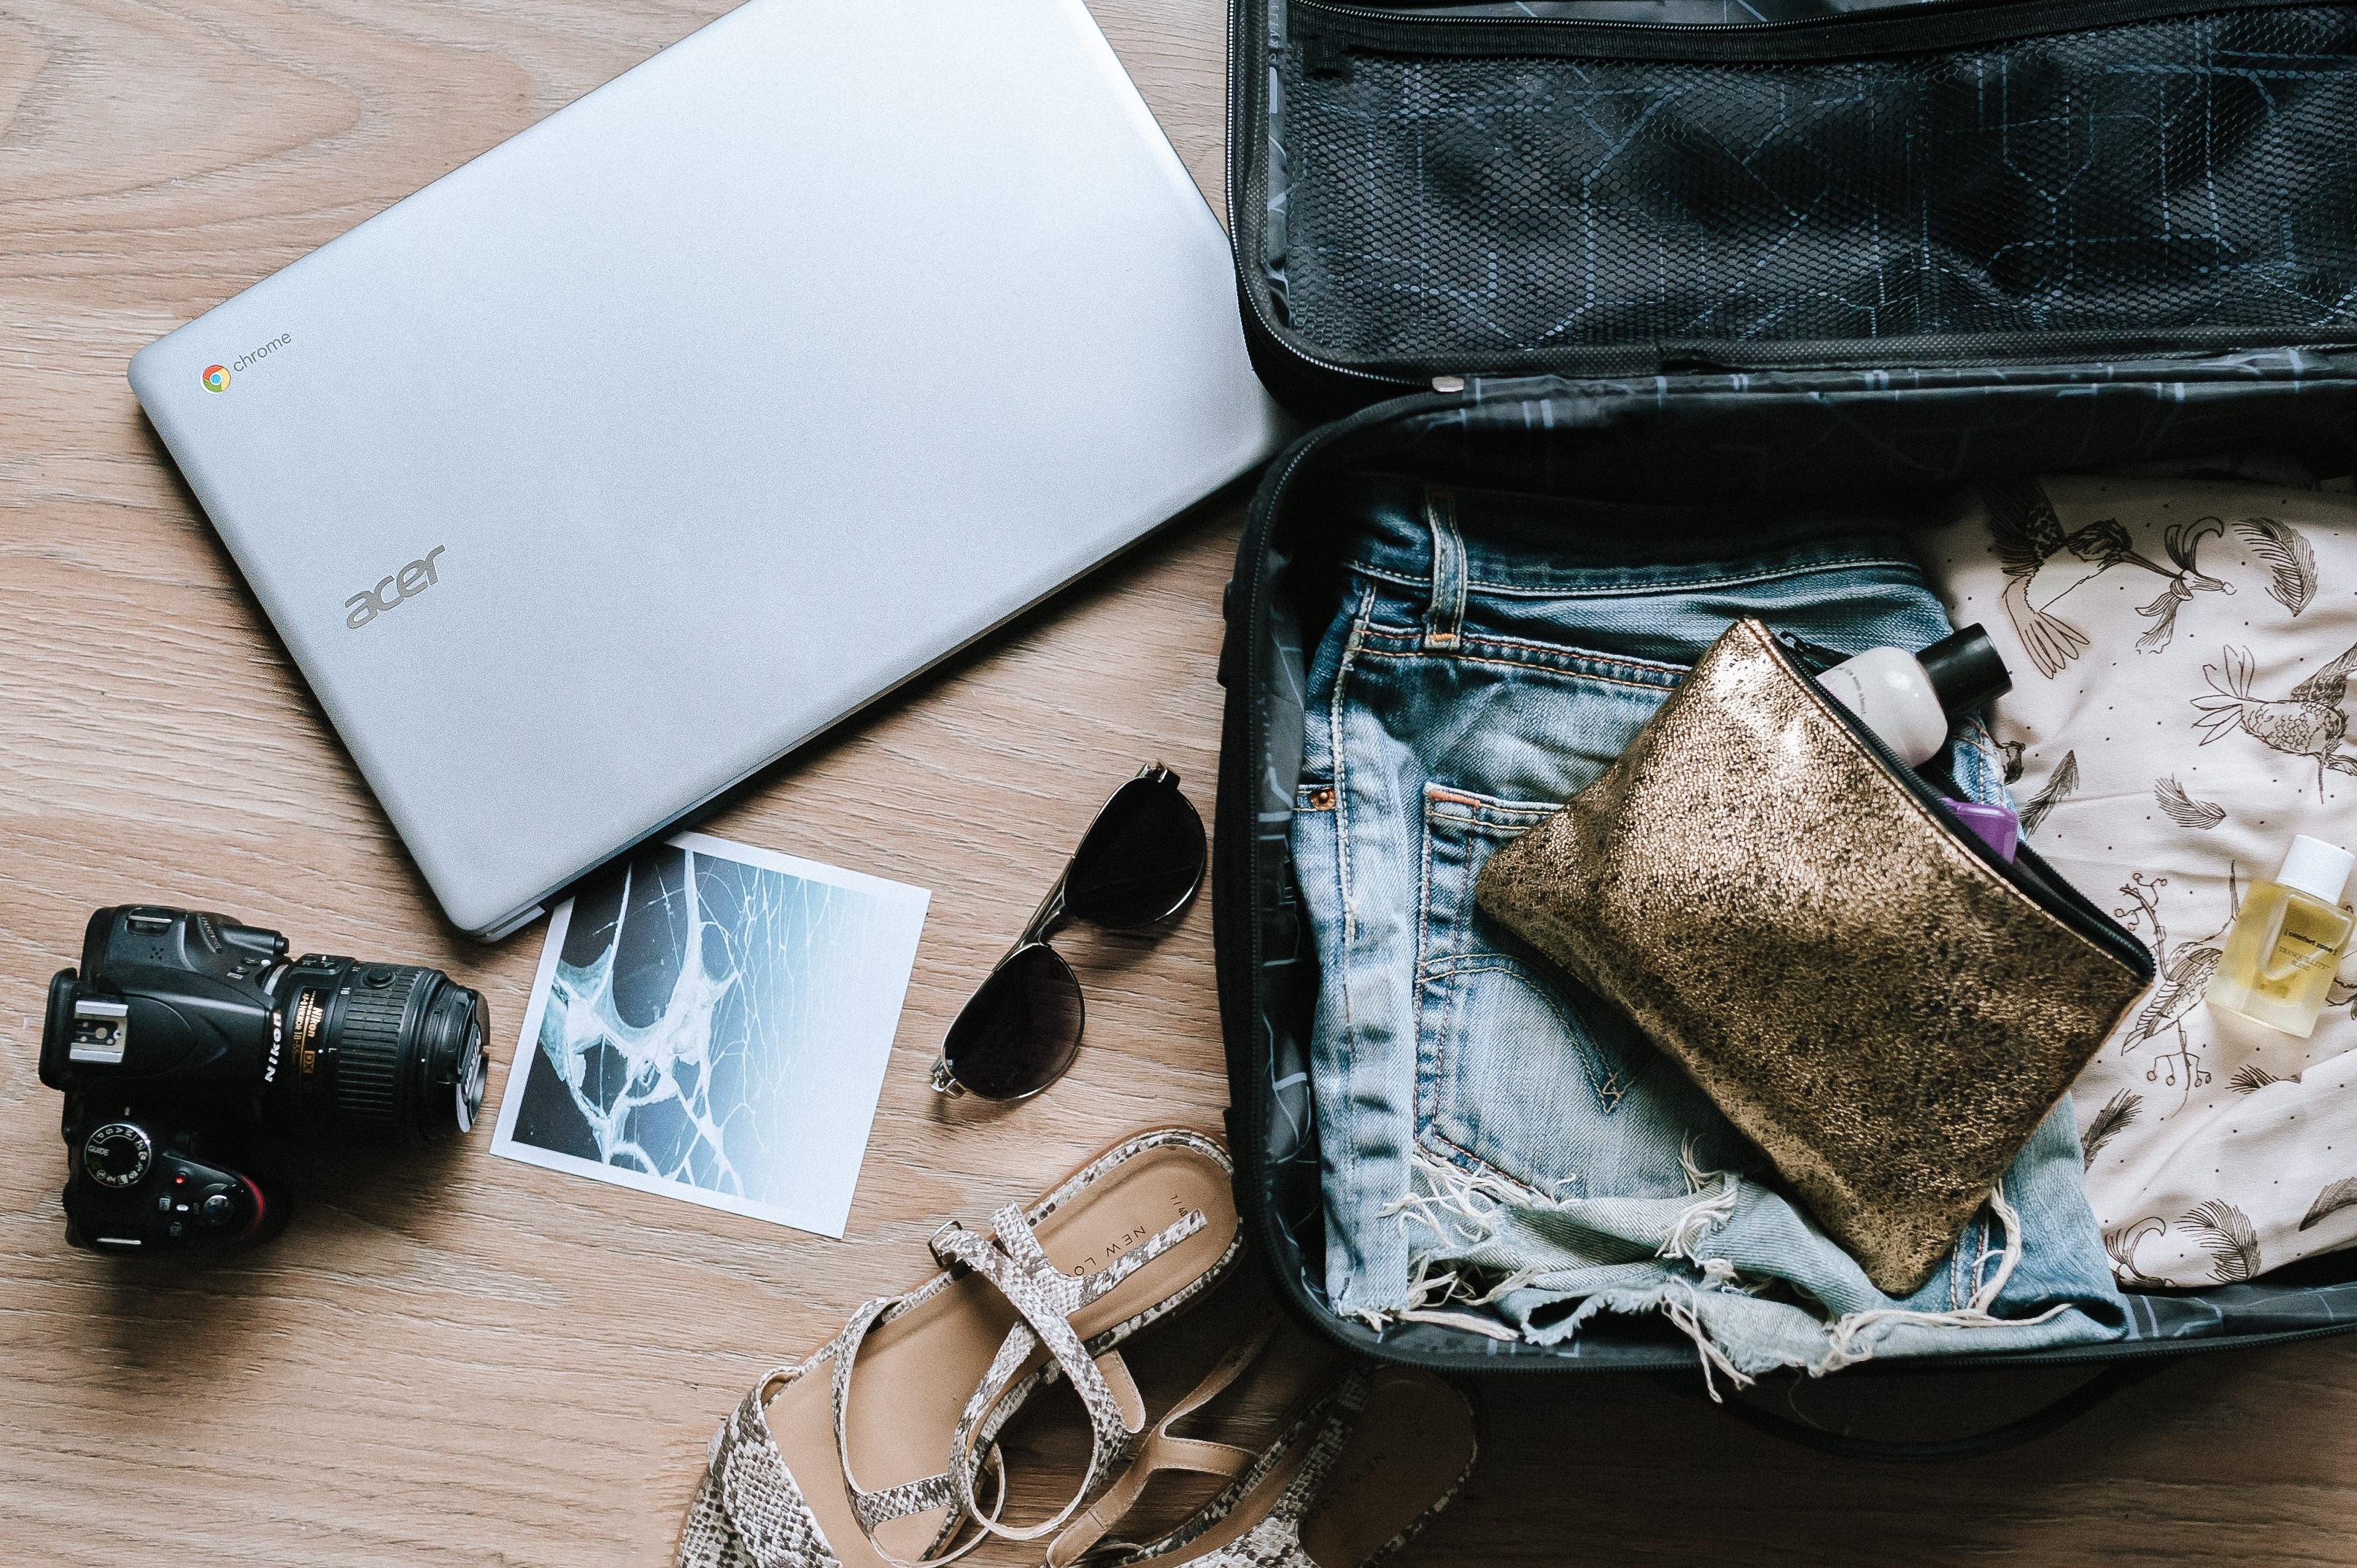 Quelle que soit votre destination, gardez votre passeport sous clé, dans le coffre-fort de votre hôtel ou dans vos bagages.